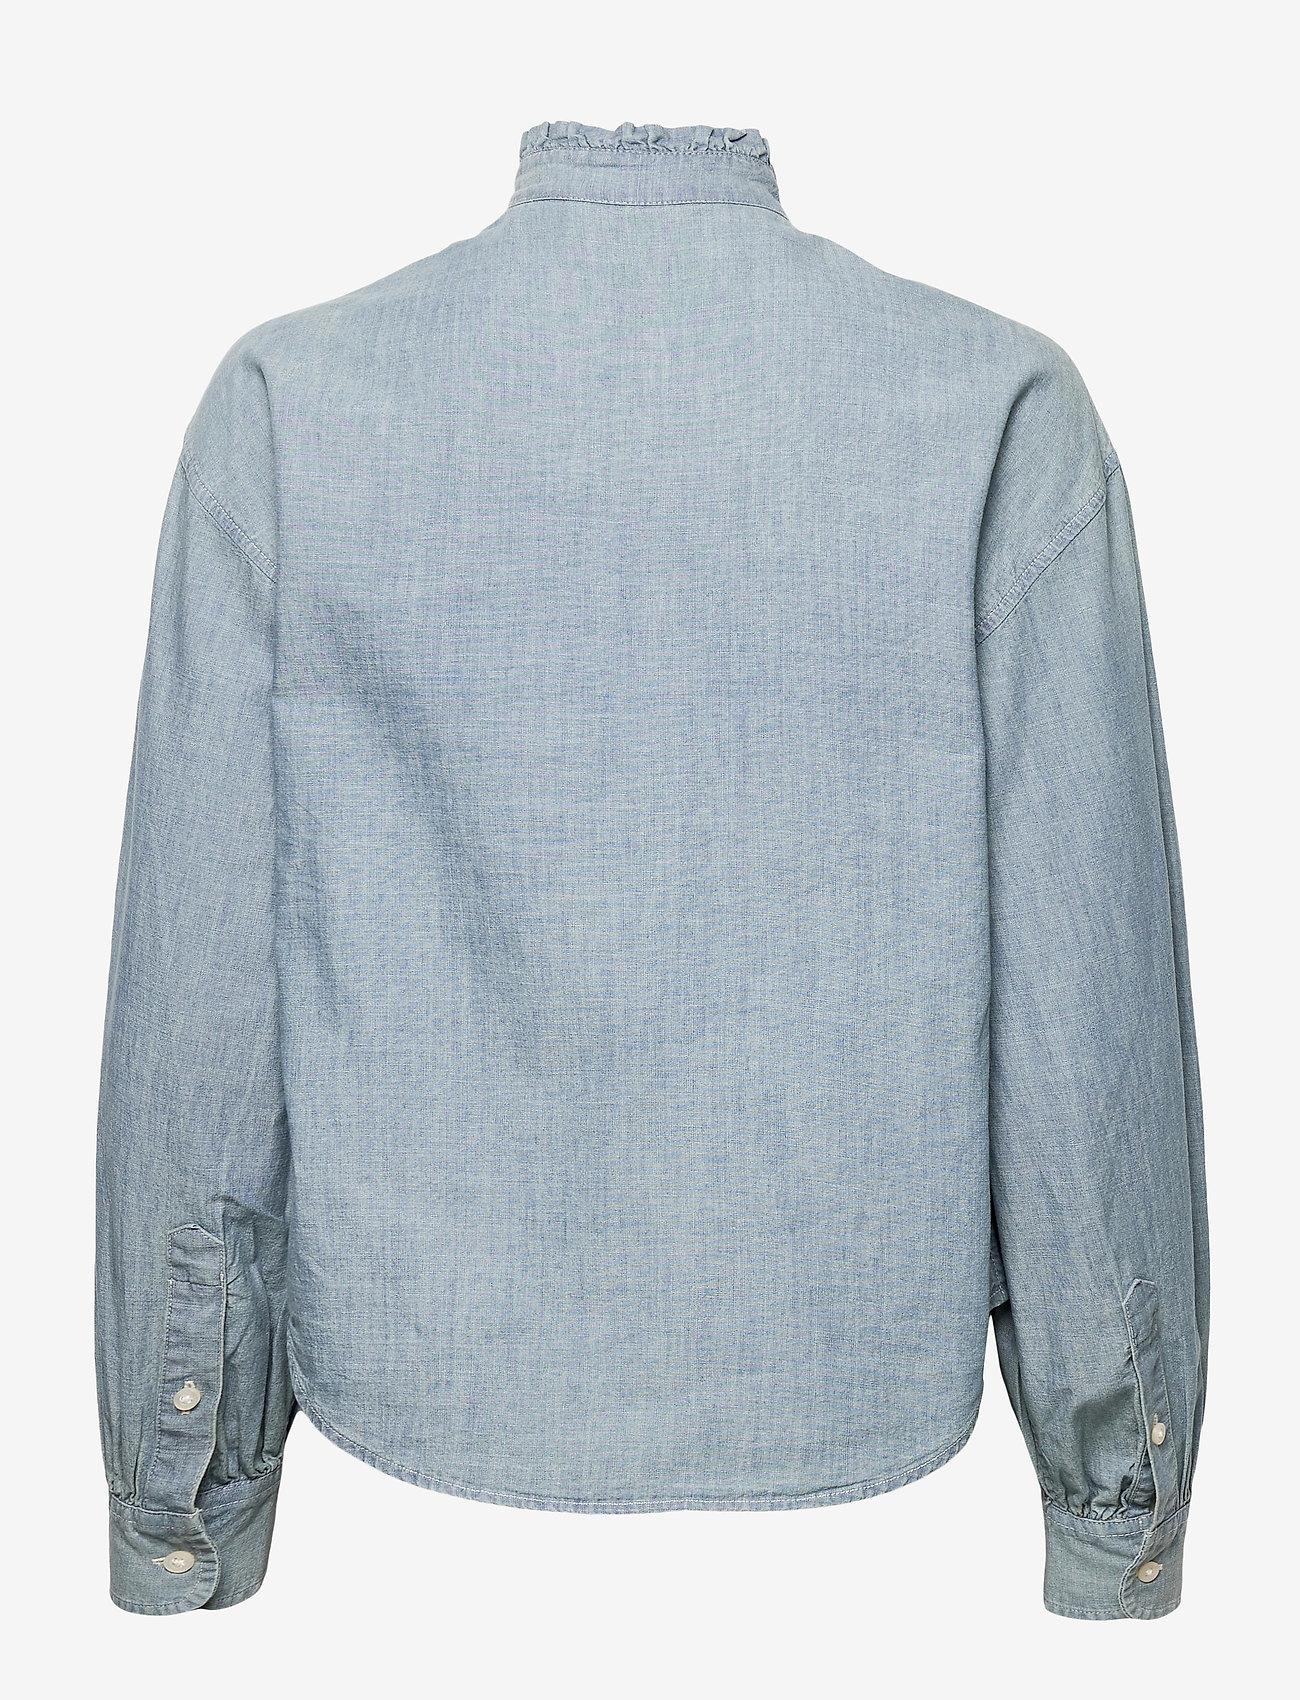 Lauren Ralph Lauren Dames blouse, blauw